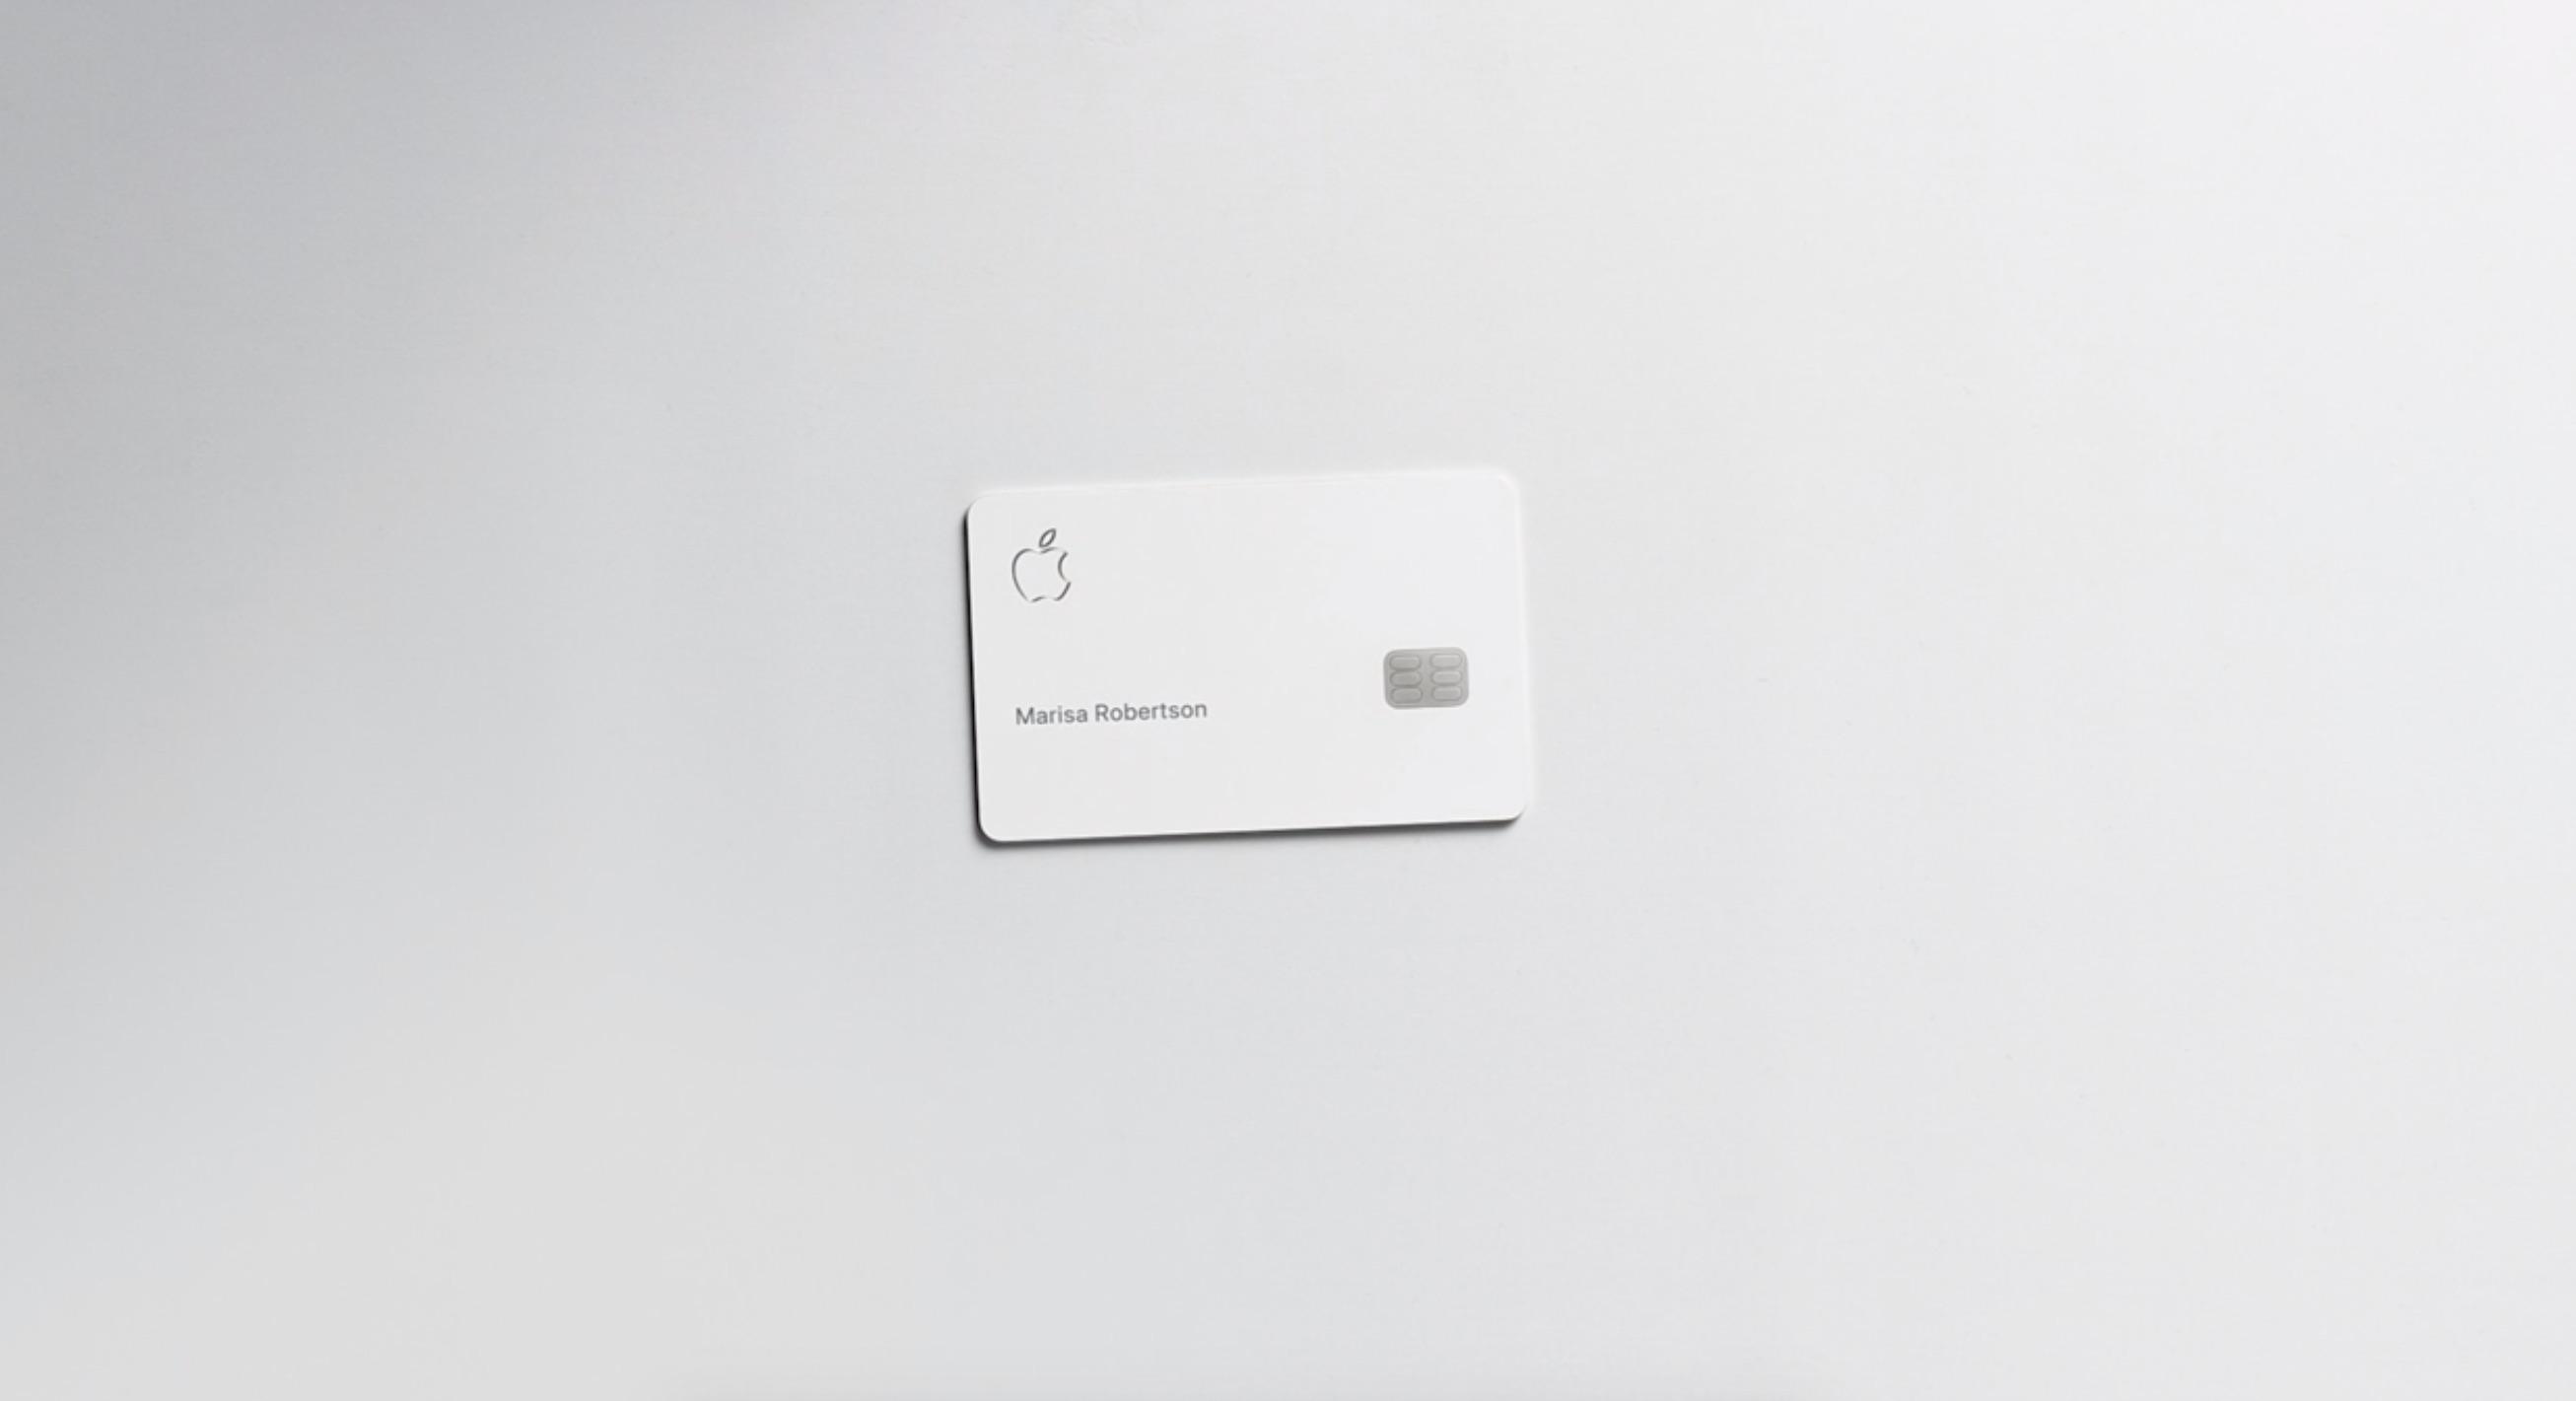 Apple prévient : l'Apple Card ne doit pas être rangée dans du cuir